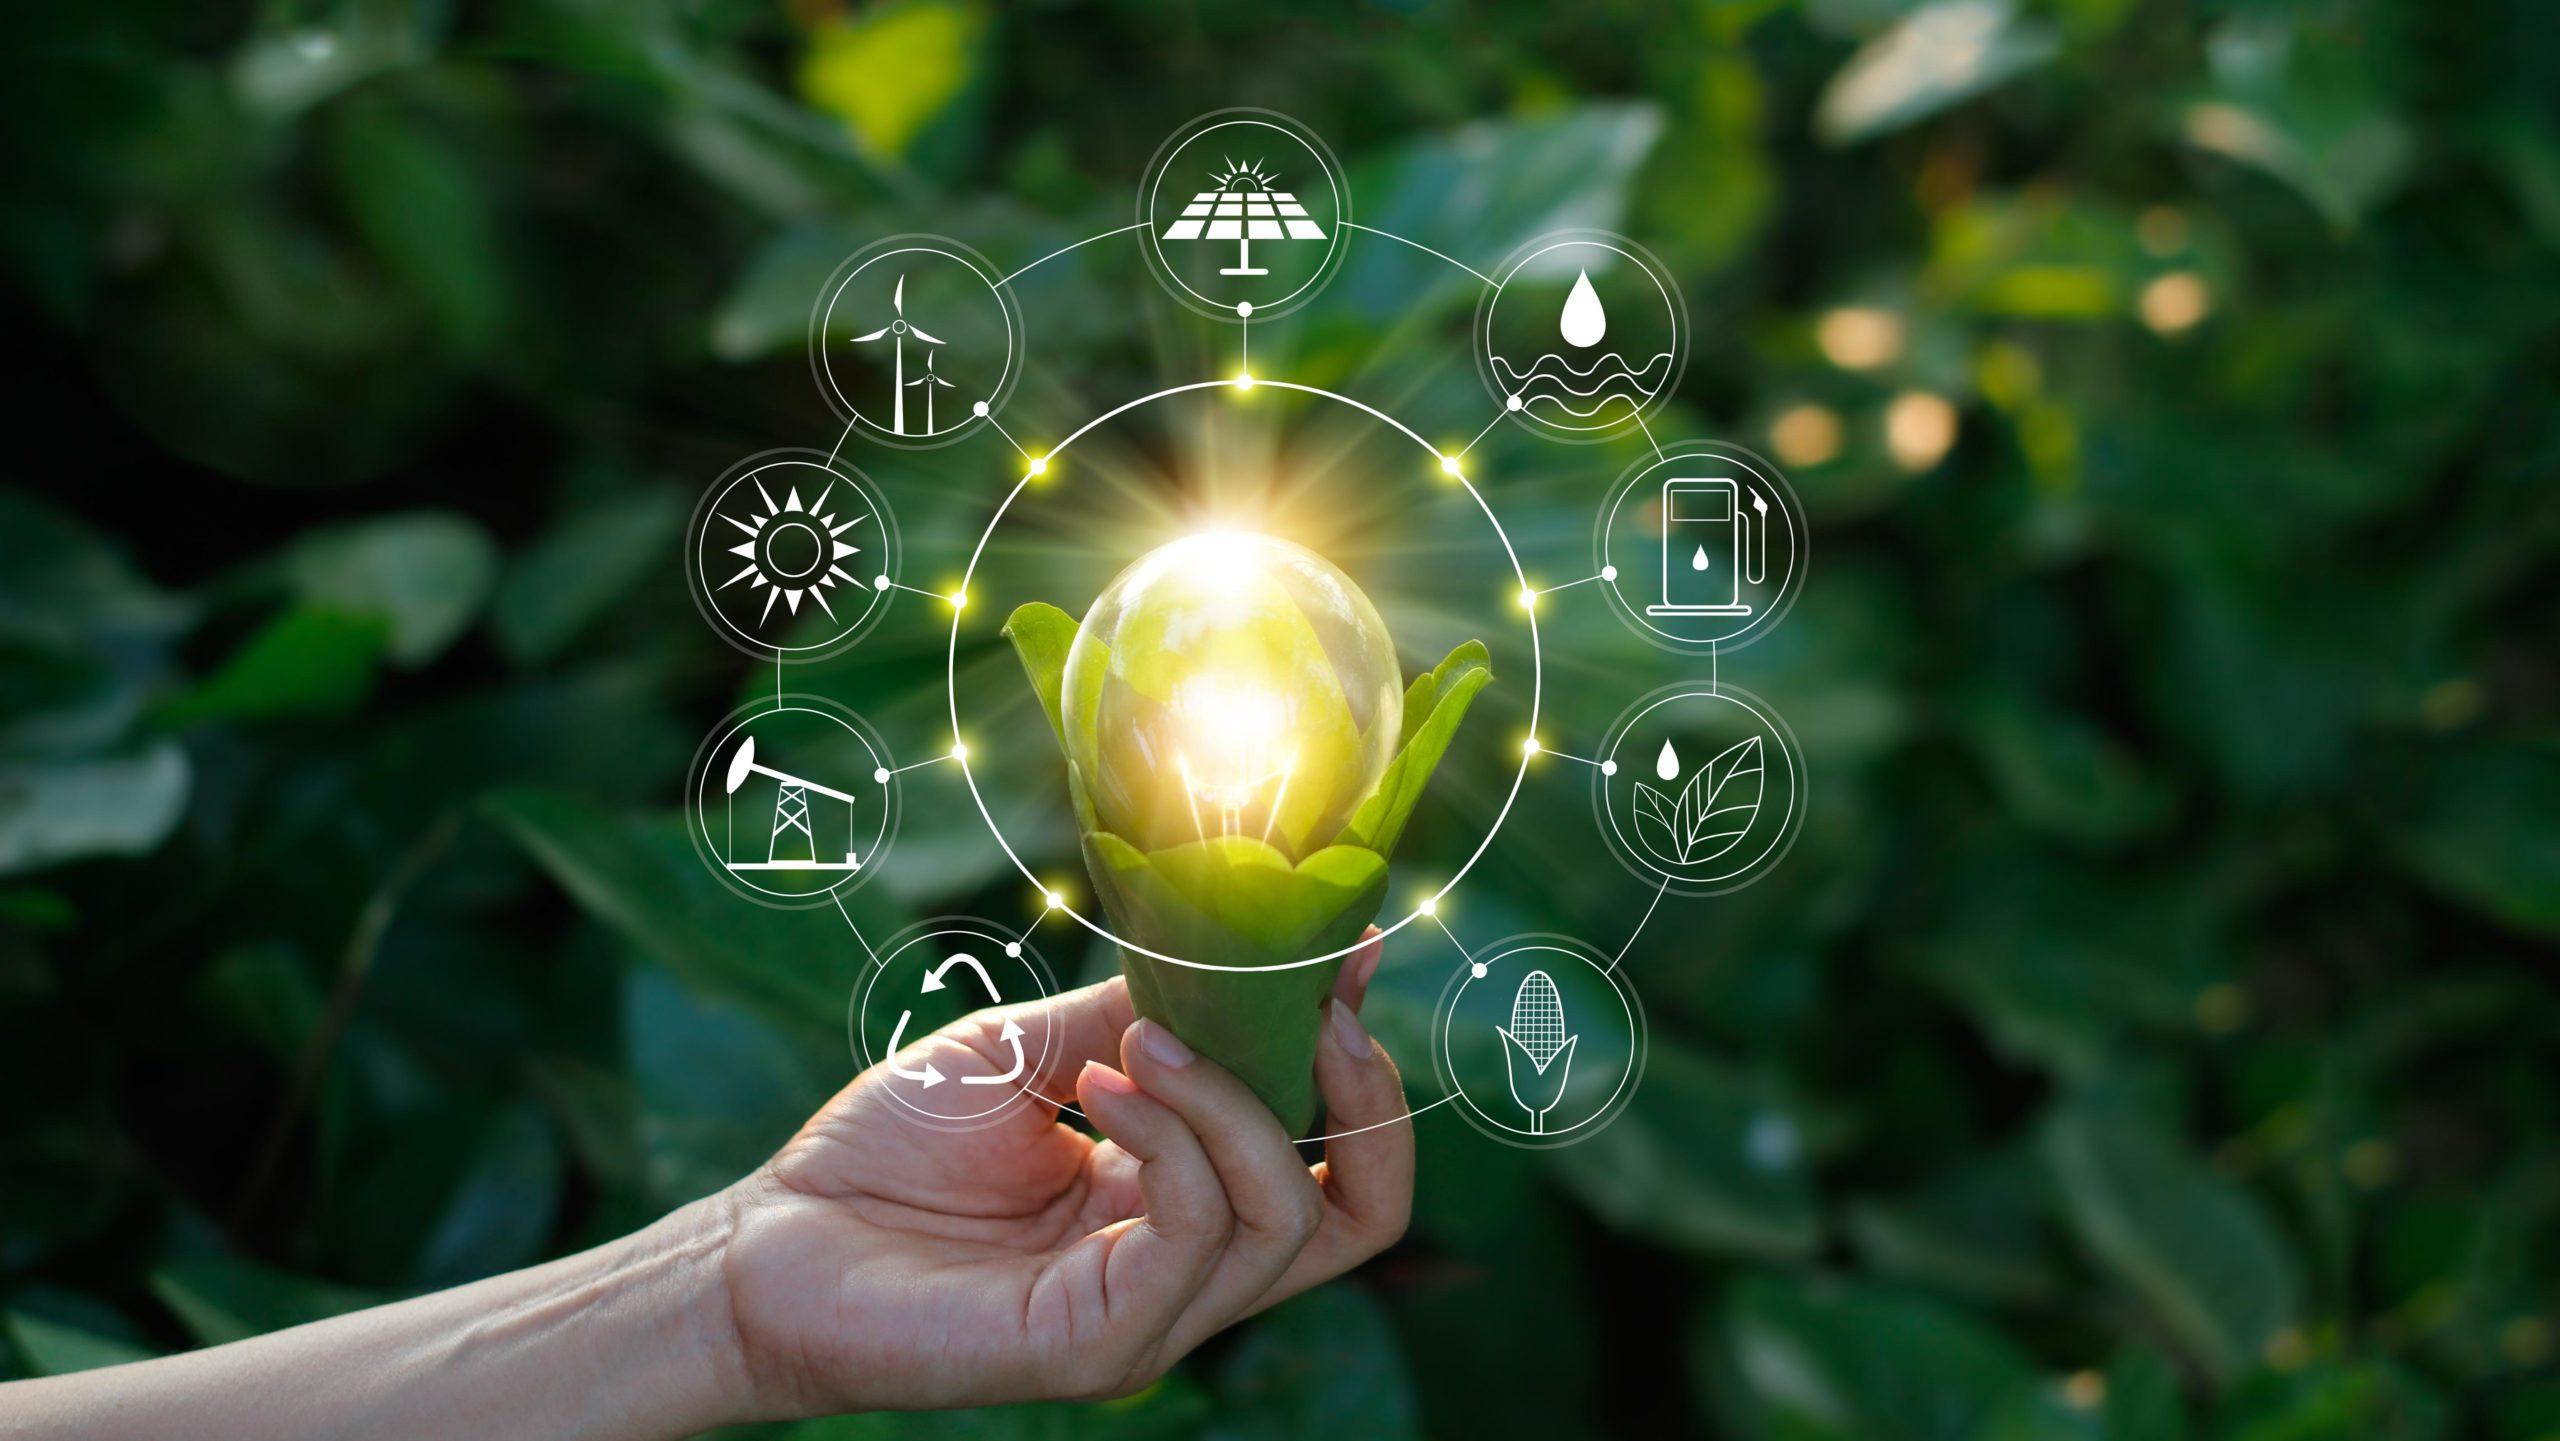 ORSAN ENERGY A.Ş. ulusal ve uluslararası saygın uzmanların bilgi ve deneyimlerine yönelik olarak çevre, enerji ve biyoteknoloji alanlarında çözümler sunmak için Ar-Ge projeleri, danışmanlık ve mühendislik hizmetleri geliştirmek ve uygulamak amacıyla kurulmuştur. ORSAN Biokütleden geri dönüşüm ve elektrik üreten sistemler geliştirmiş, kendisine ait patentler ile global pazarda yenilikçi ve öncü olma yolunda çalışmalarını sürdürmektedir.